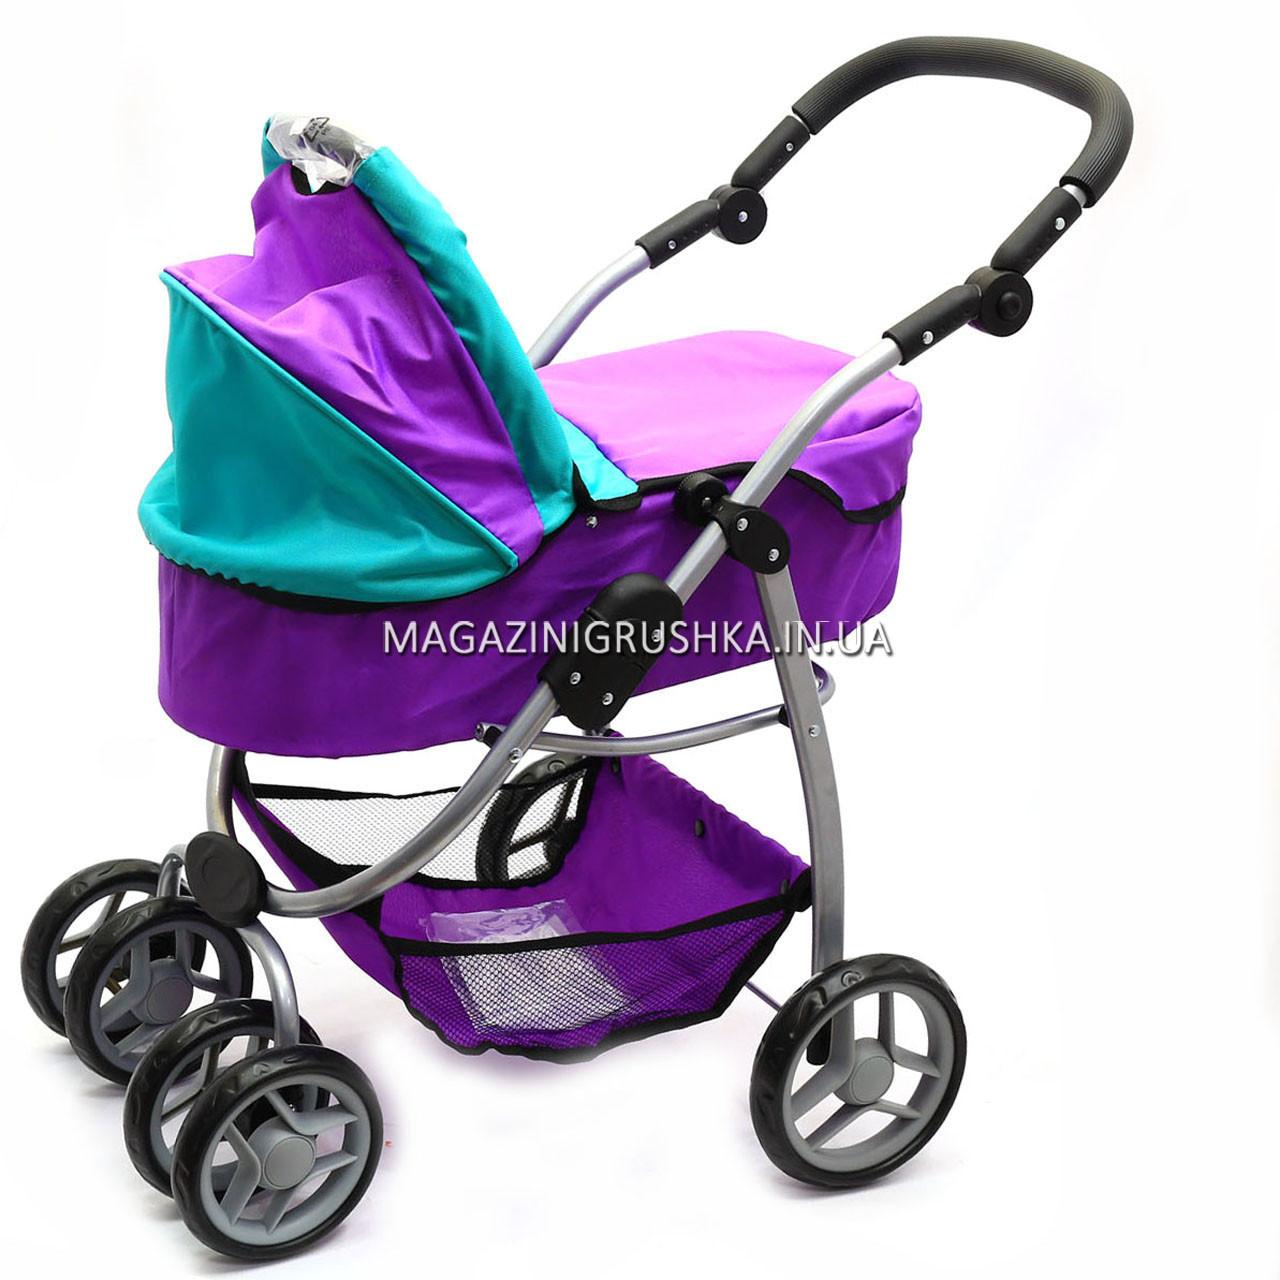 Коляска для кукол 2в1 (трансформер) со съемной люлькой, сумкой и корзиной для вещей 9662-1-A (фиолетовая)